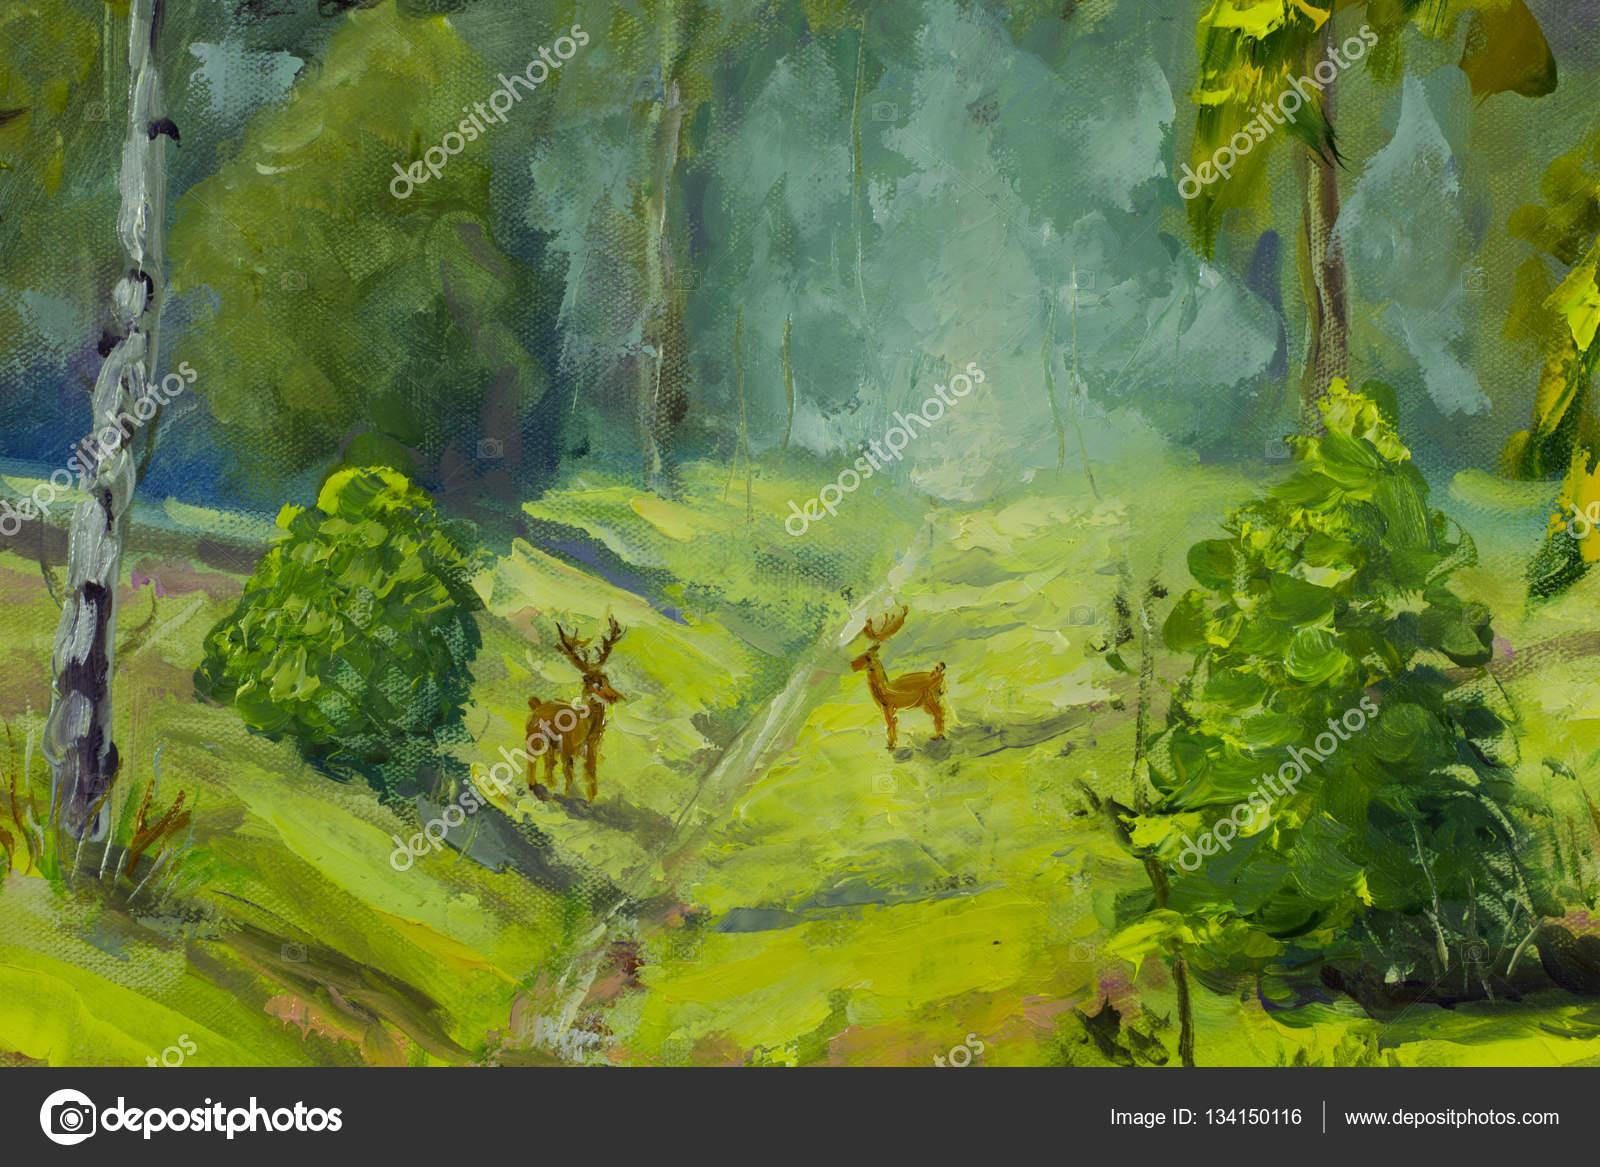 Großartig Bilder Auf Leinwand Malen Ideen Von Schöne Reh Im Wald Malen. Moderne Kunst